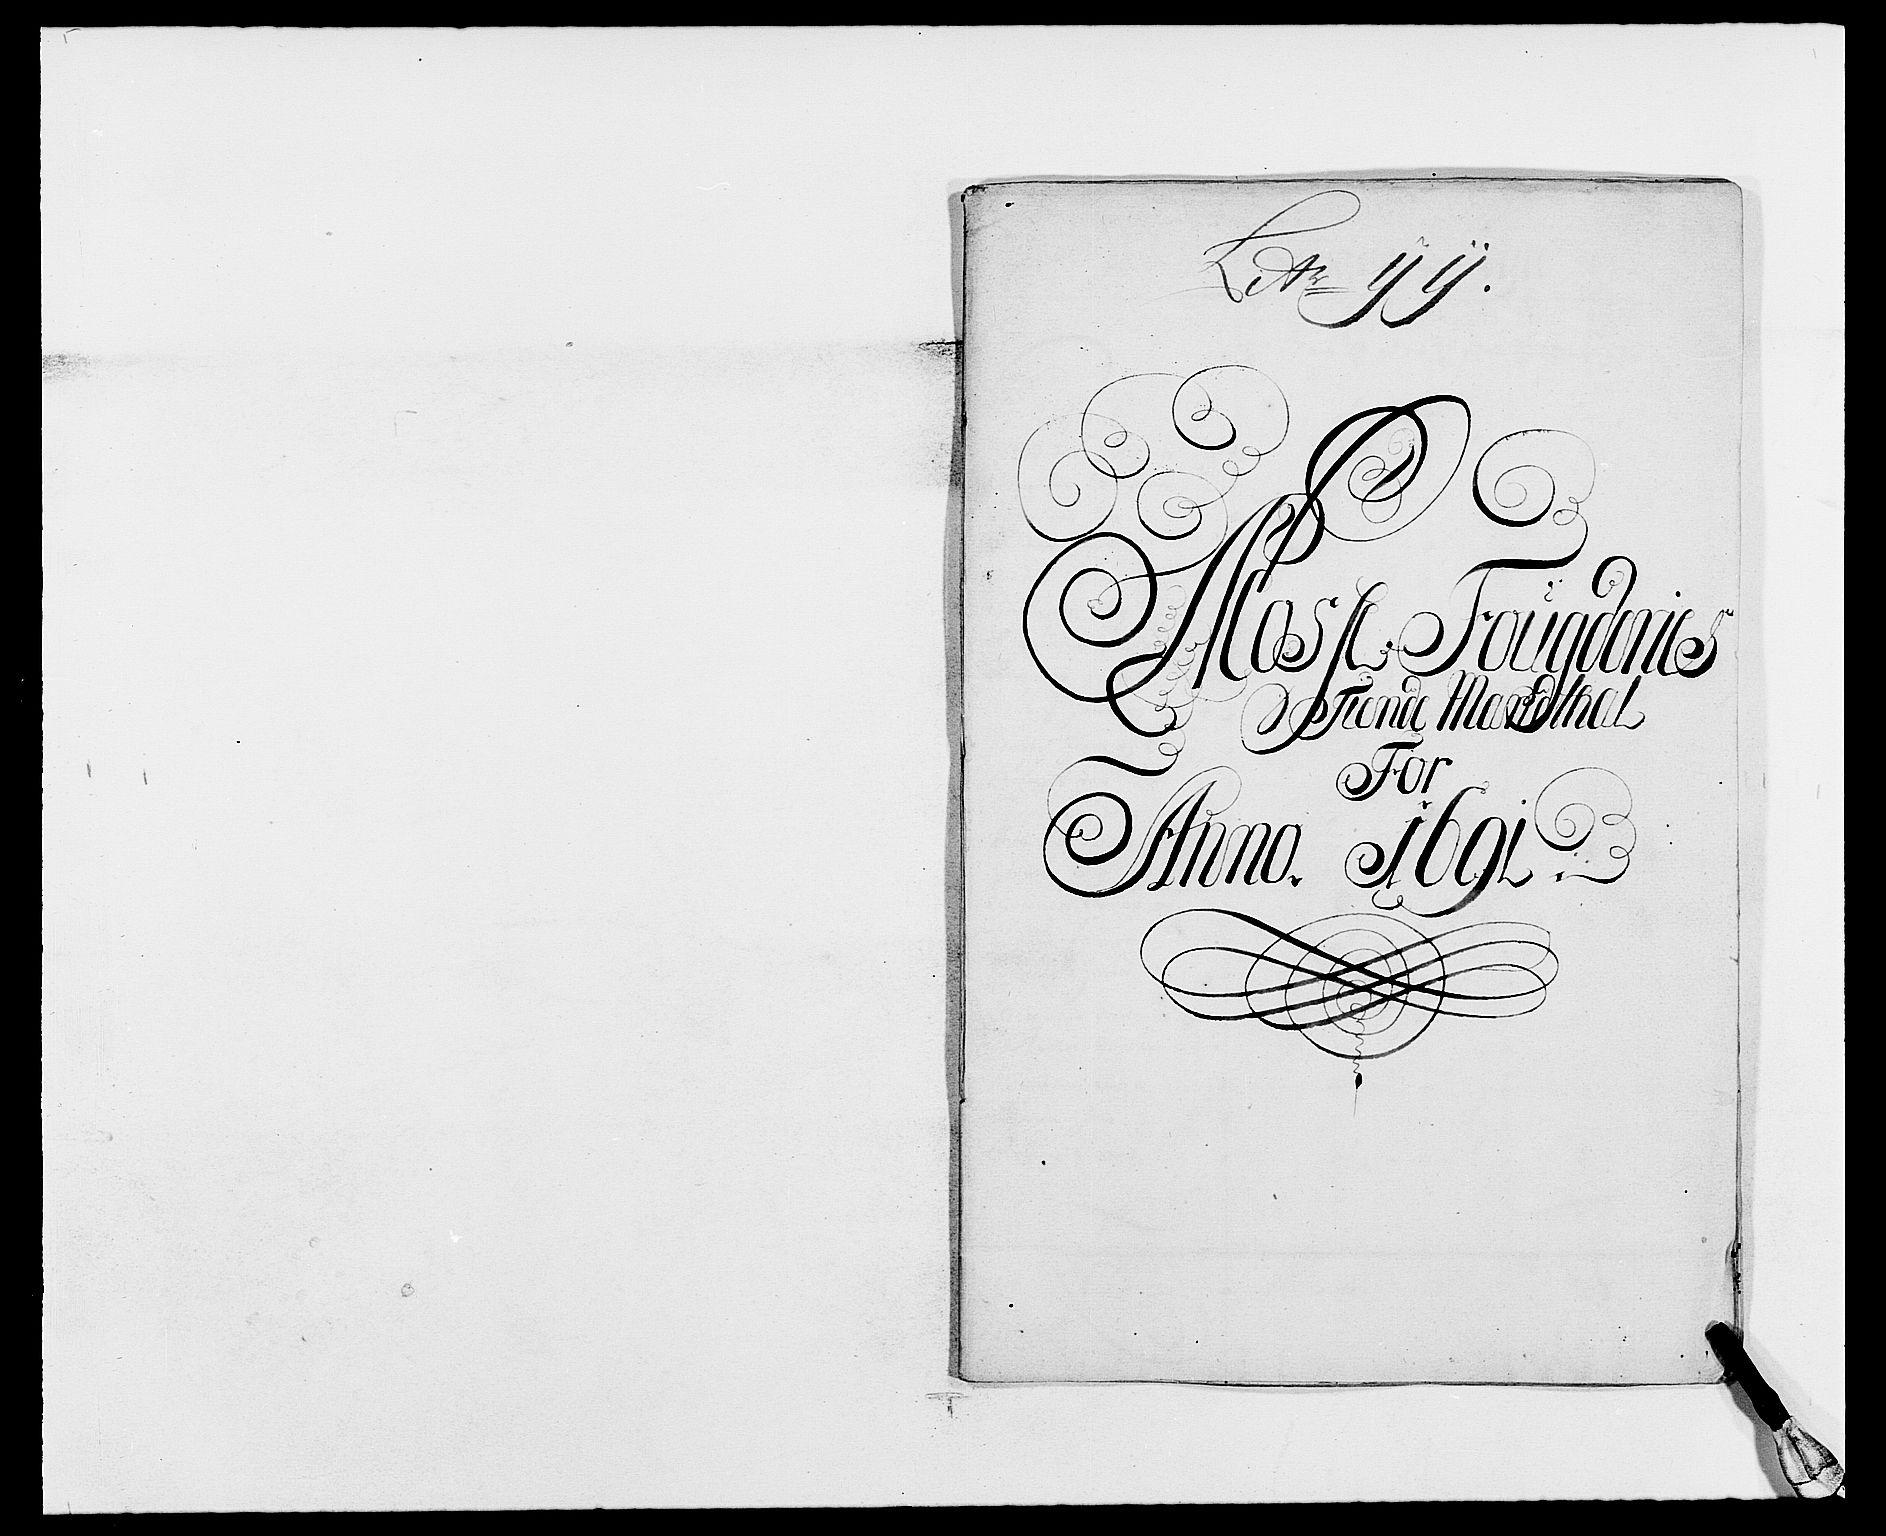 RA, Rentekammeret inntil 1814, Reviderte regnskaper, Fogderegnskap, R02/L0106: Fogderegnskap Moss og Verne kloster, 1688-1691, s. 468